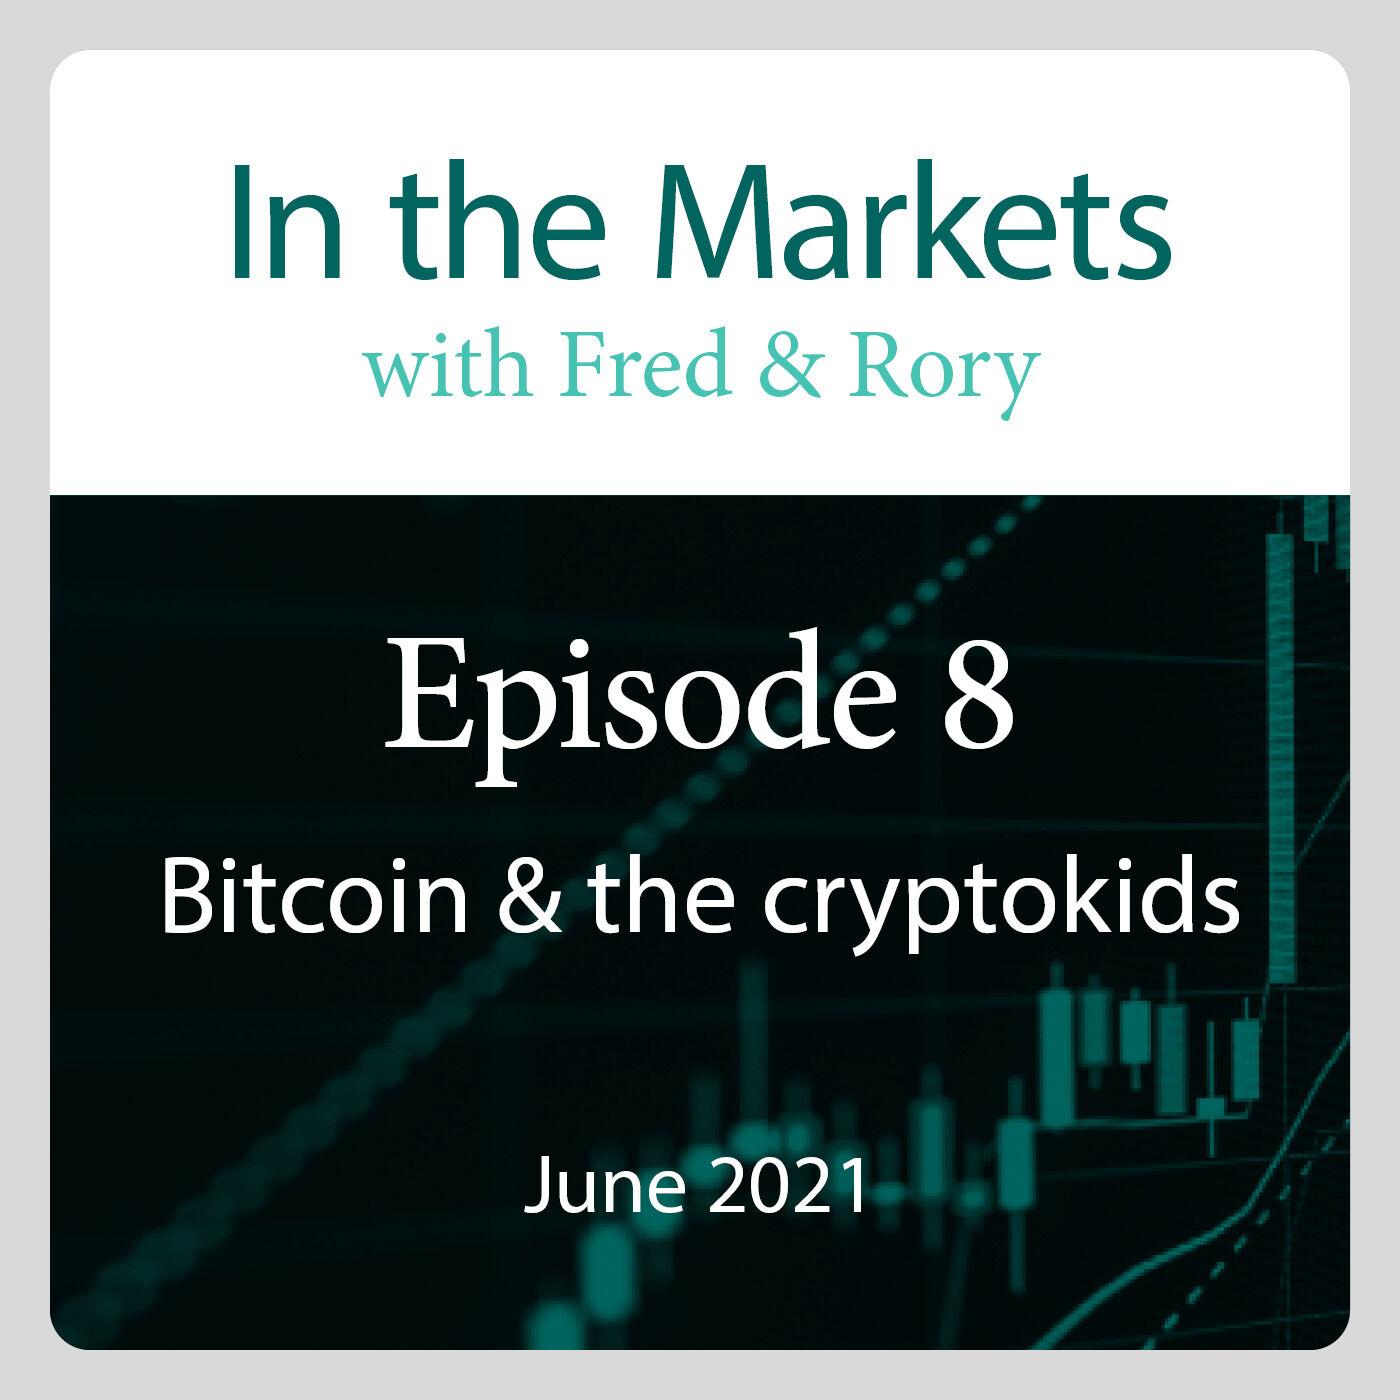 June 2021: Bitcoin & the cryptokids